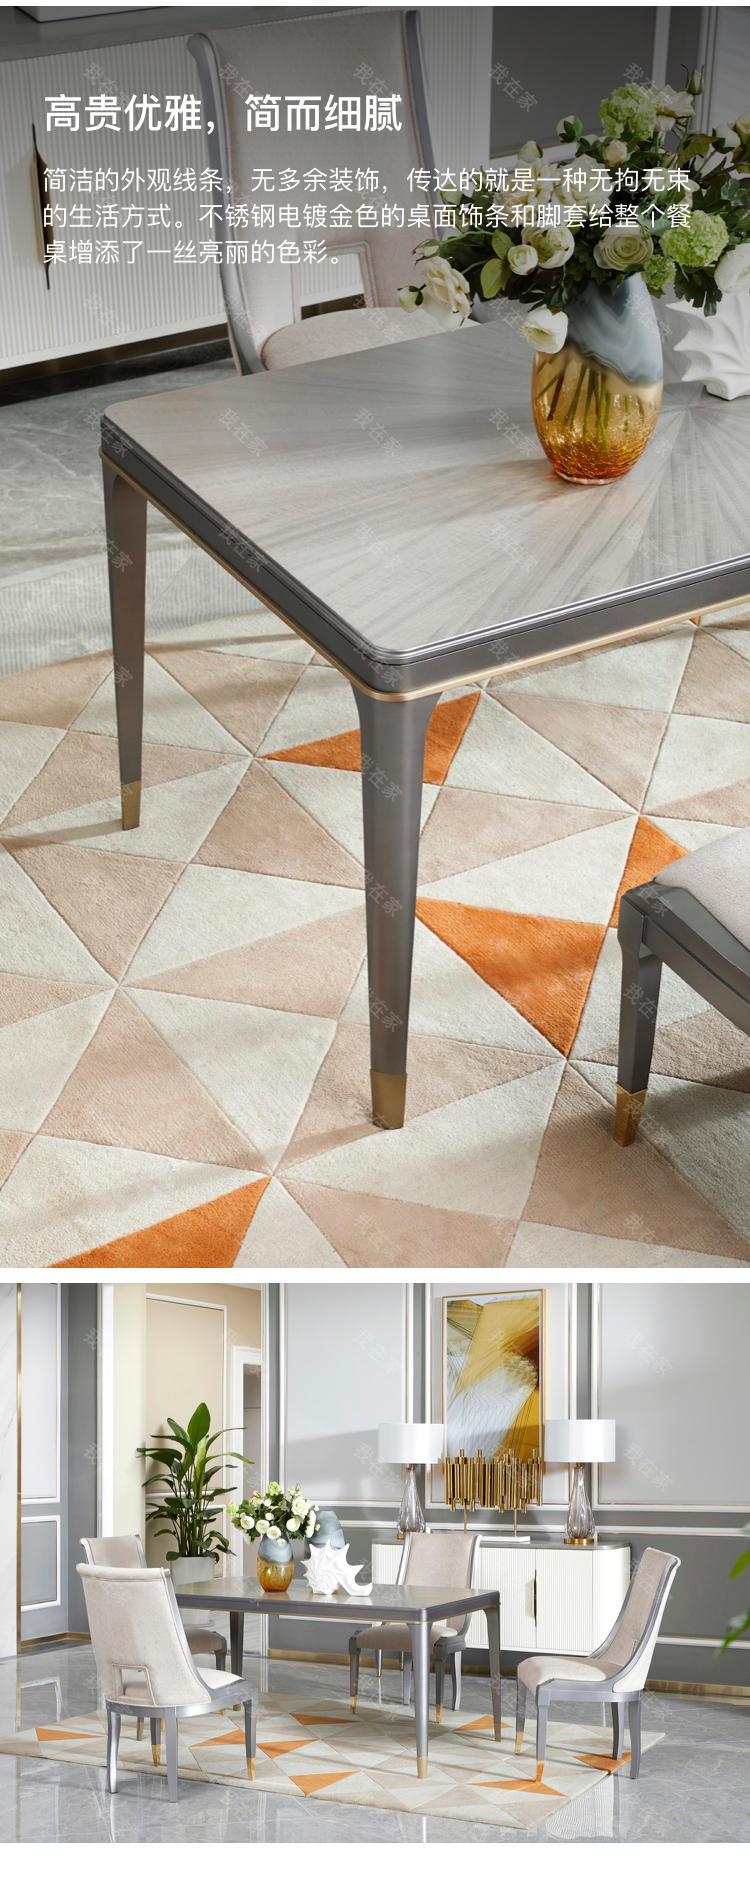 轻奢美式风格勃朗特餐桌的家具详细介绍